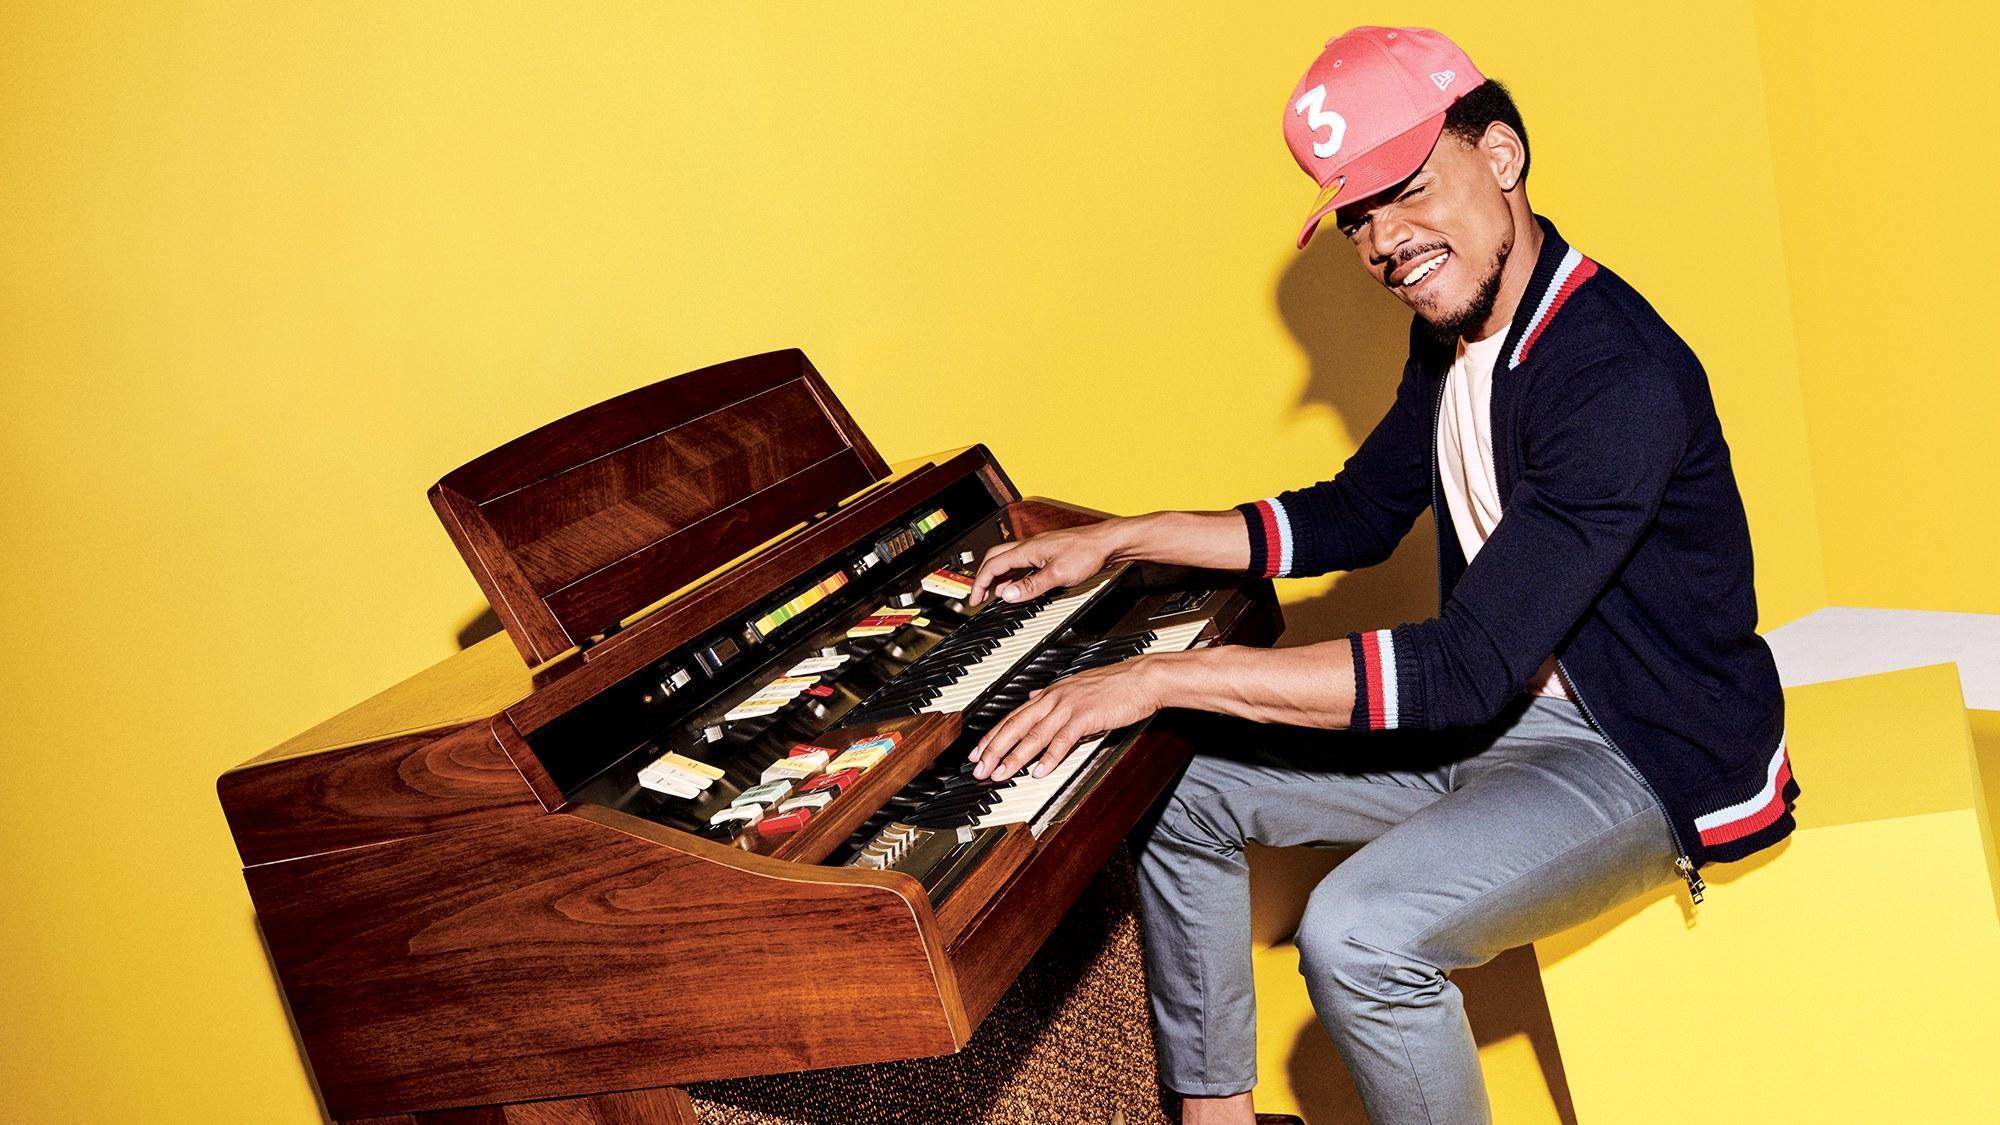 chance-the-rapper-0217-gq-fech03-01.jpg